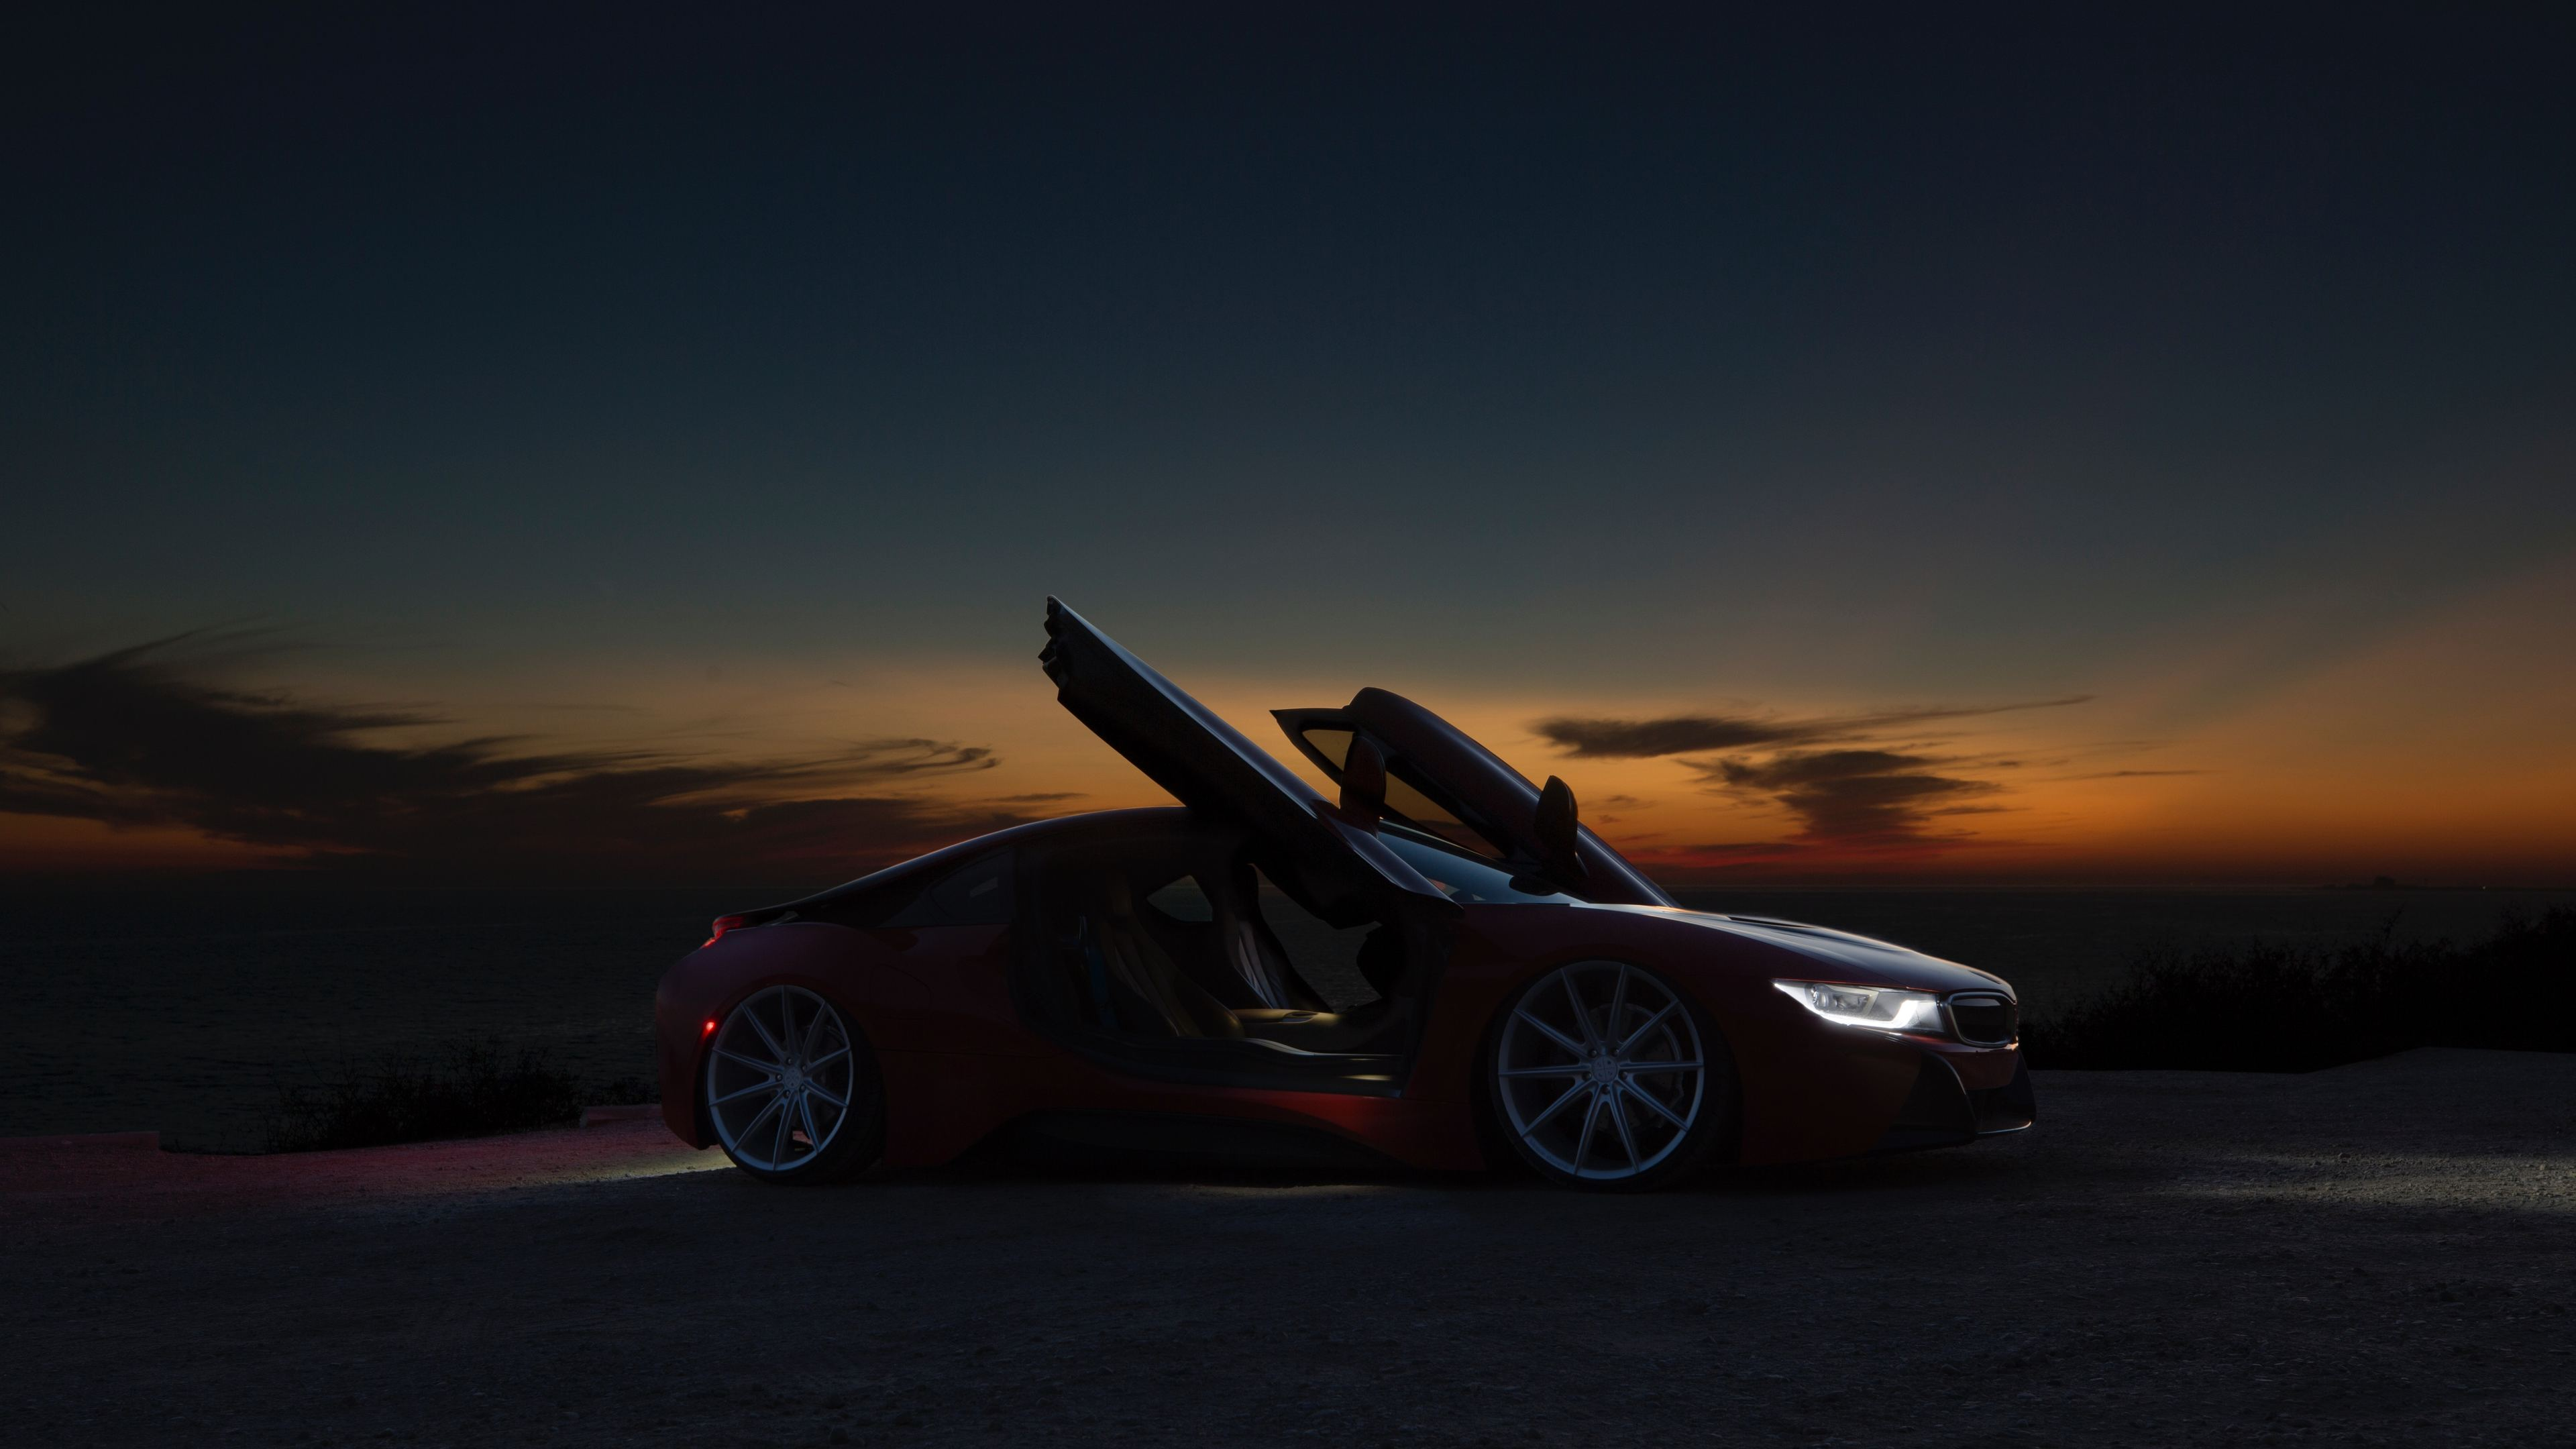 sports car sunset by beach 5k 1539113657 - Sports Car Sunset By Beach 5k - sunset wallpapers, hd-wallpapers, cars wallpapers, beach wallpapers, 5k wallpapers, 4k-wallpapers